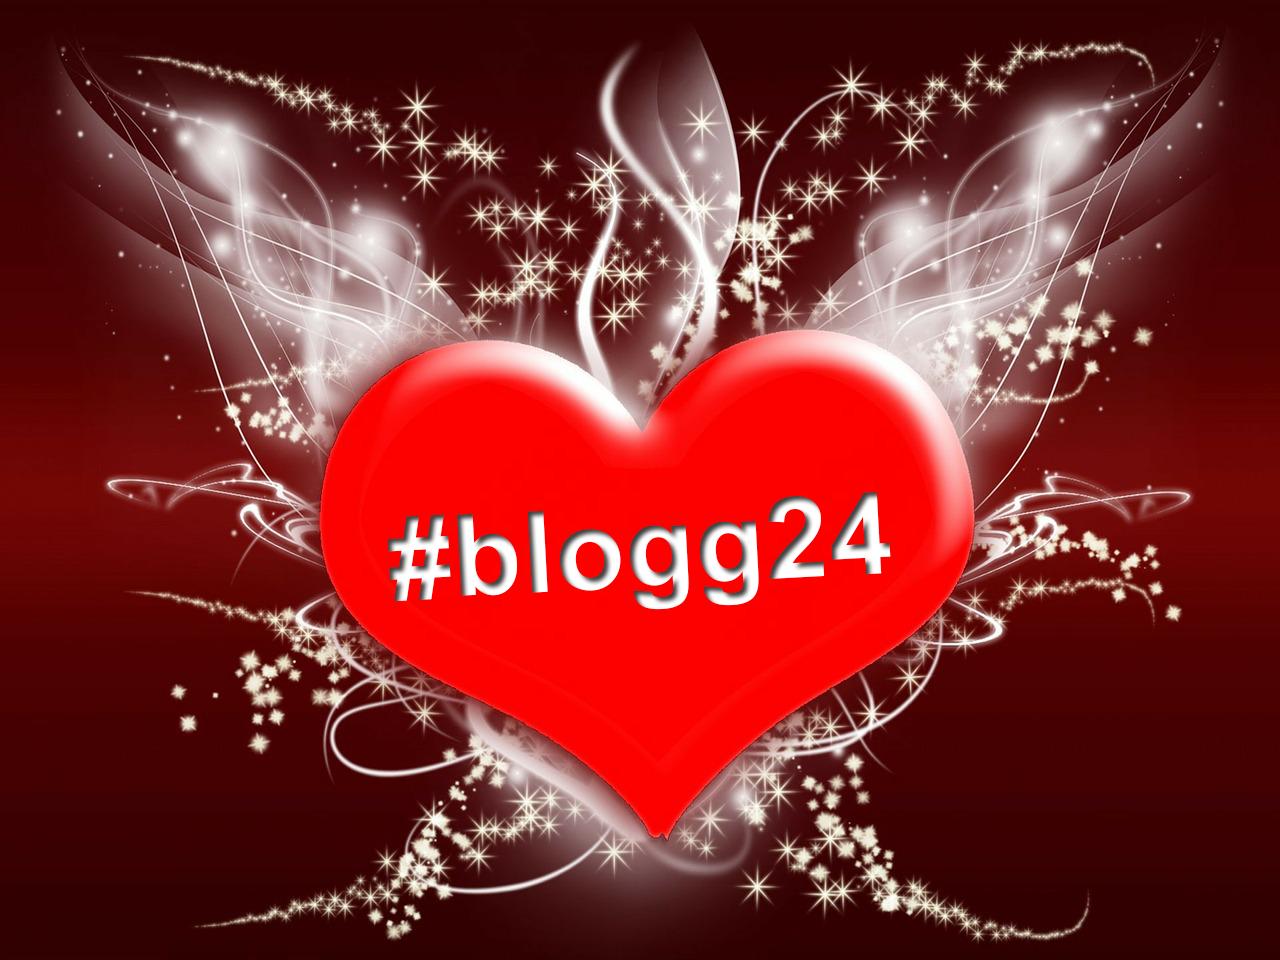 #blogg24 i ett hjärta